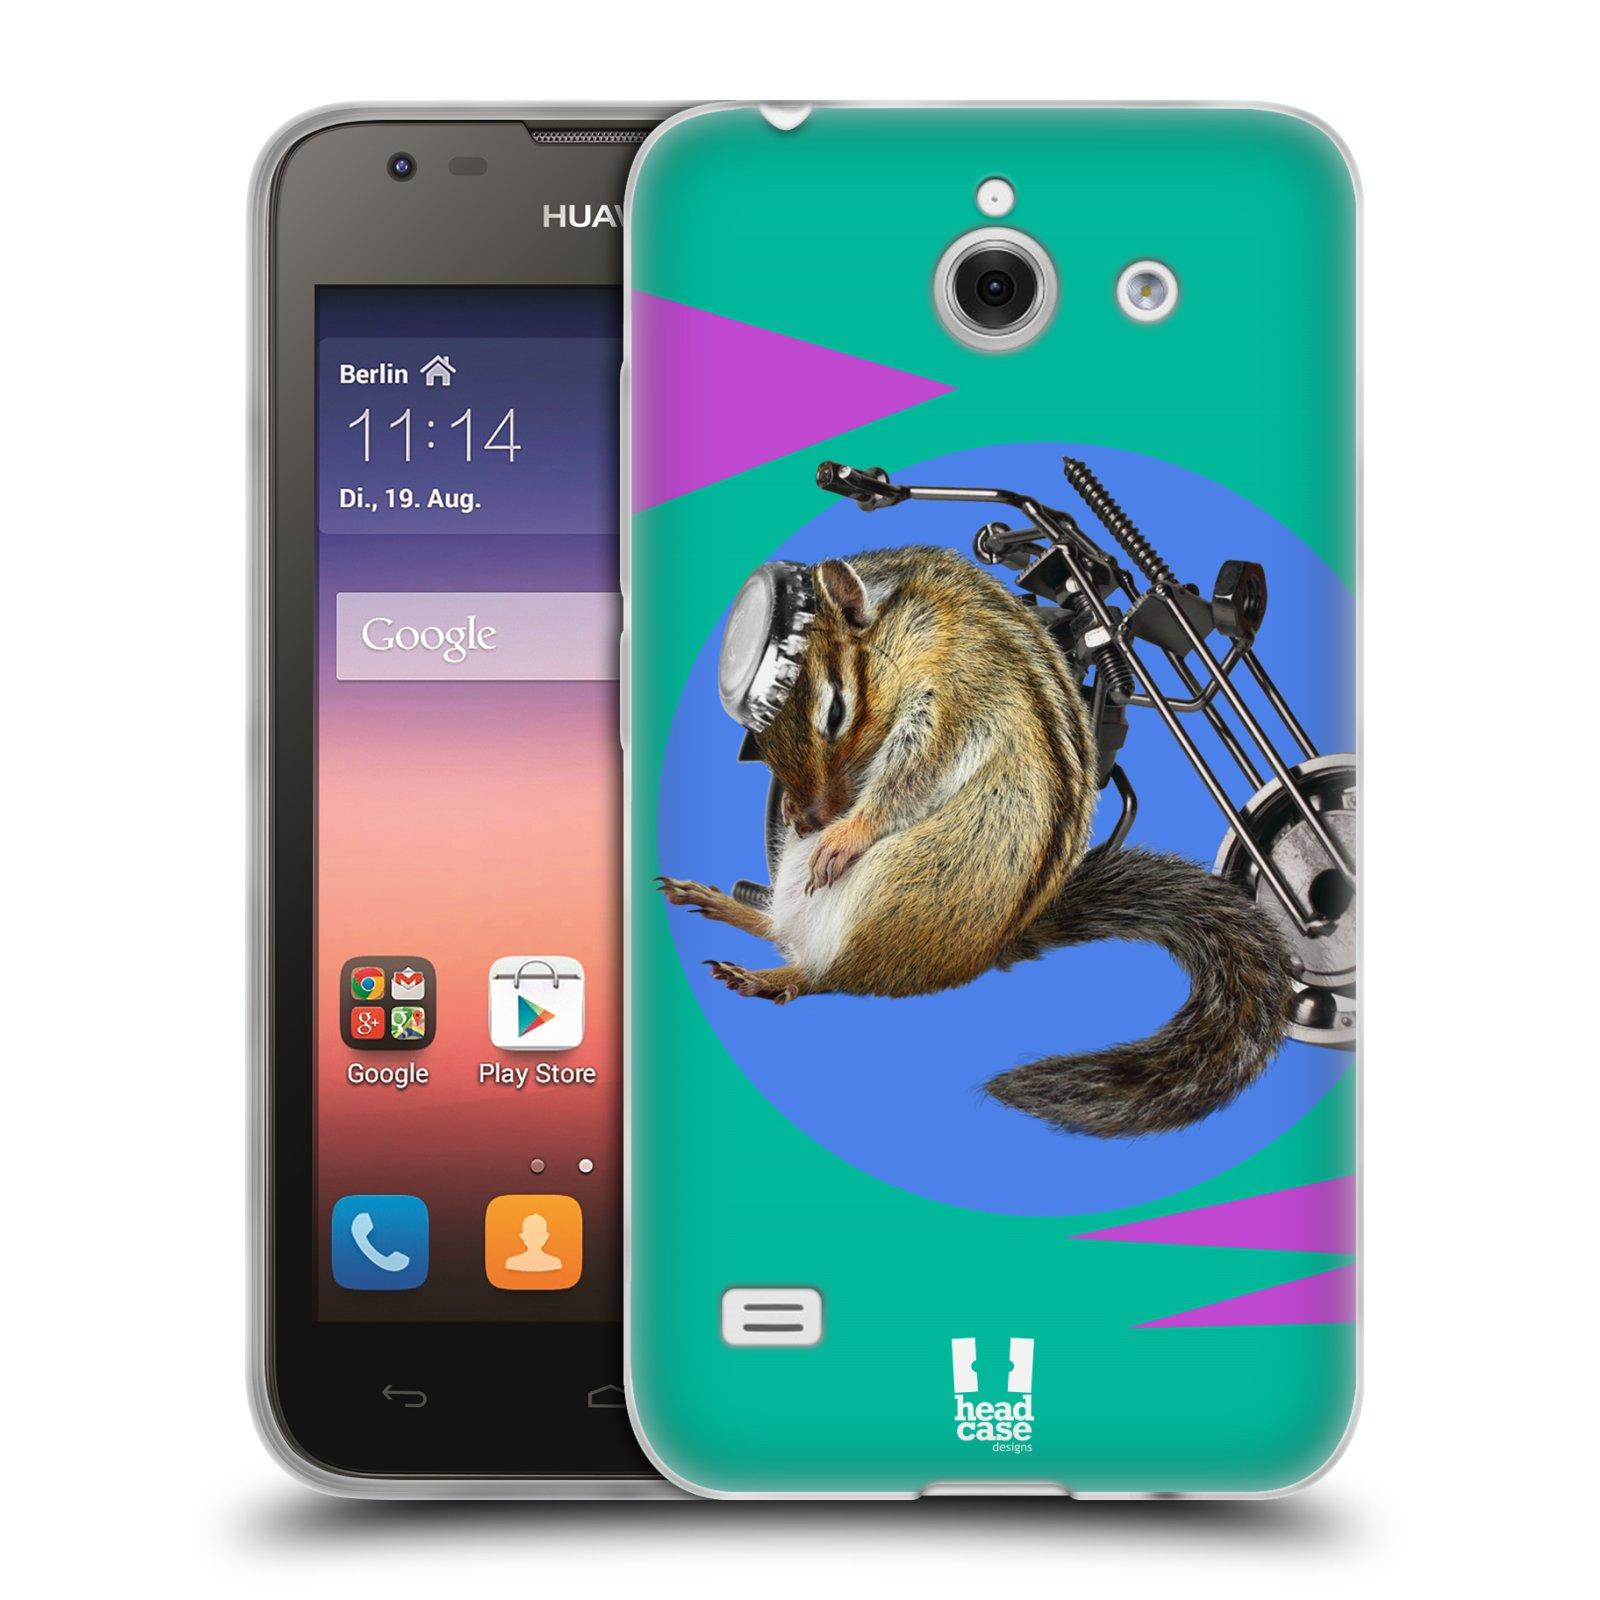 HEAD CASE silikonový obal na mobil Huawei Ascend Y550 Legrační zvířátka veverka motorkář chipmunk